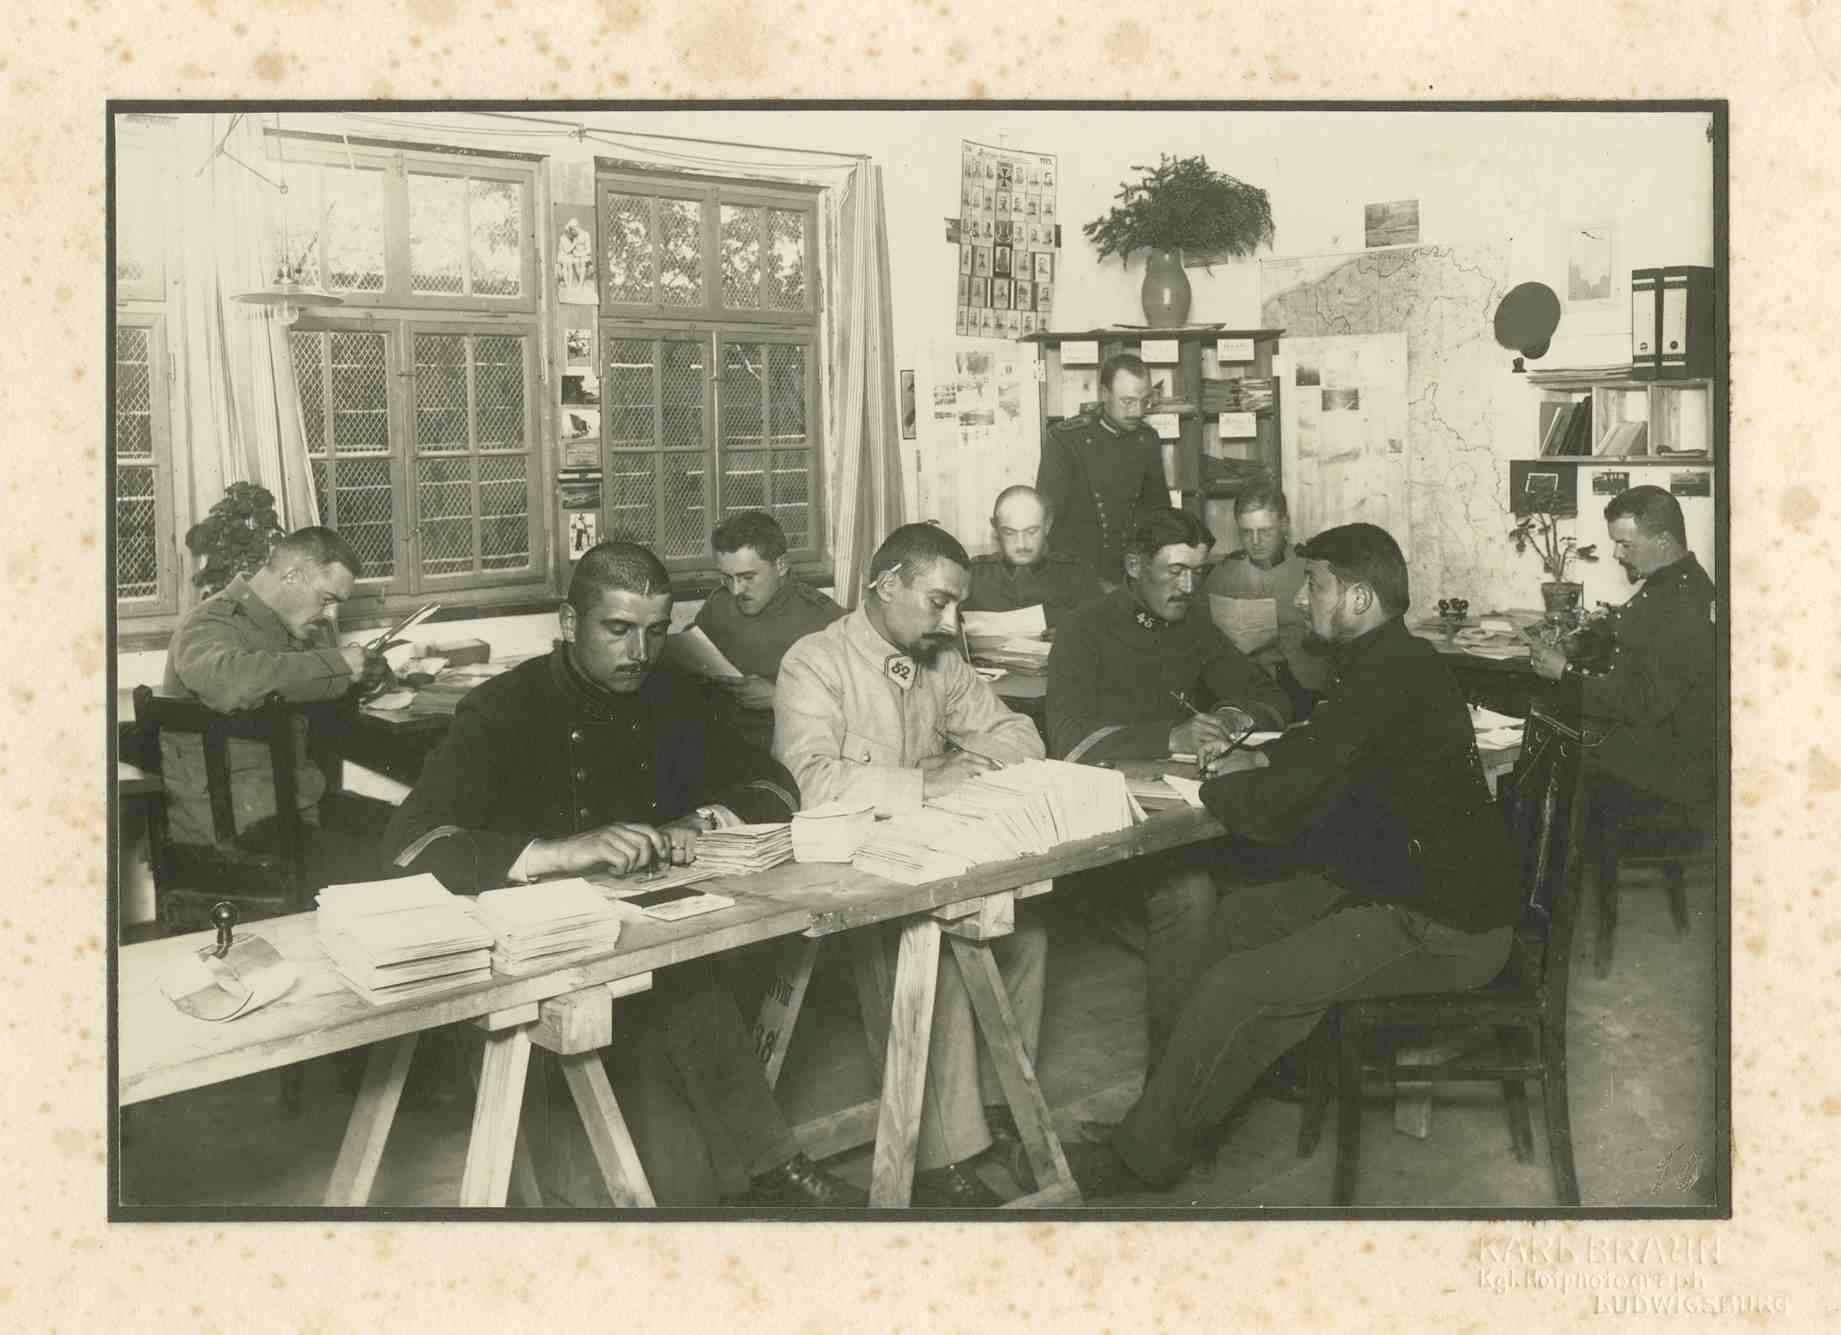 10 Kriegsgefangene beim Lesen bzw. Schreiben im Briefzimmer Kriegsgefangenenlager Ludwigsburg-Eglosheim, Bild 1